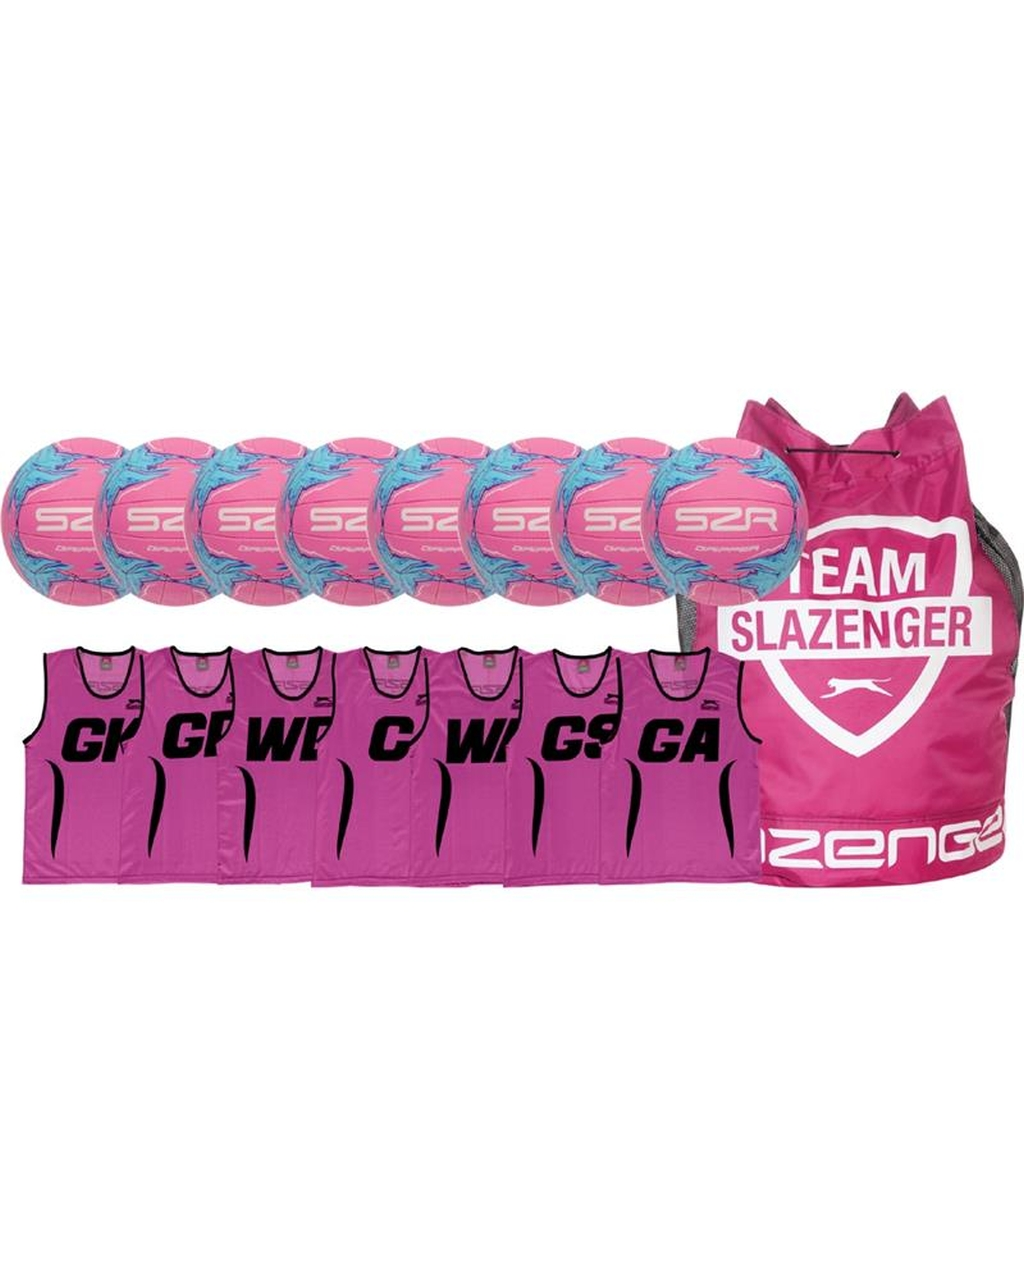 Gripper Netball Pack Size 5